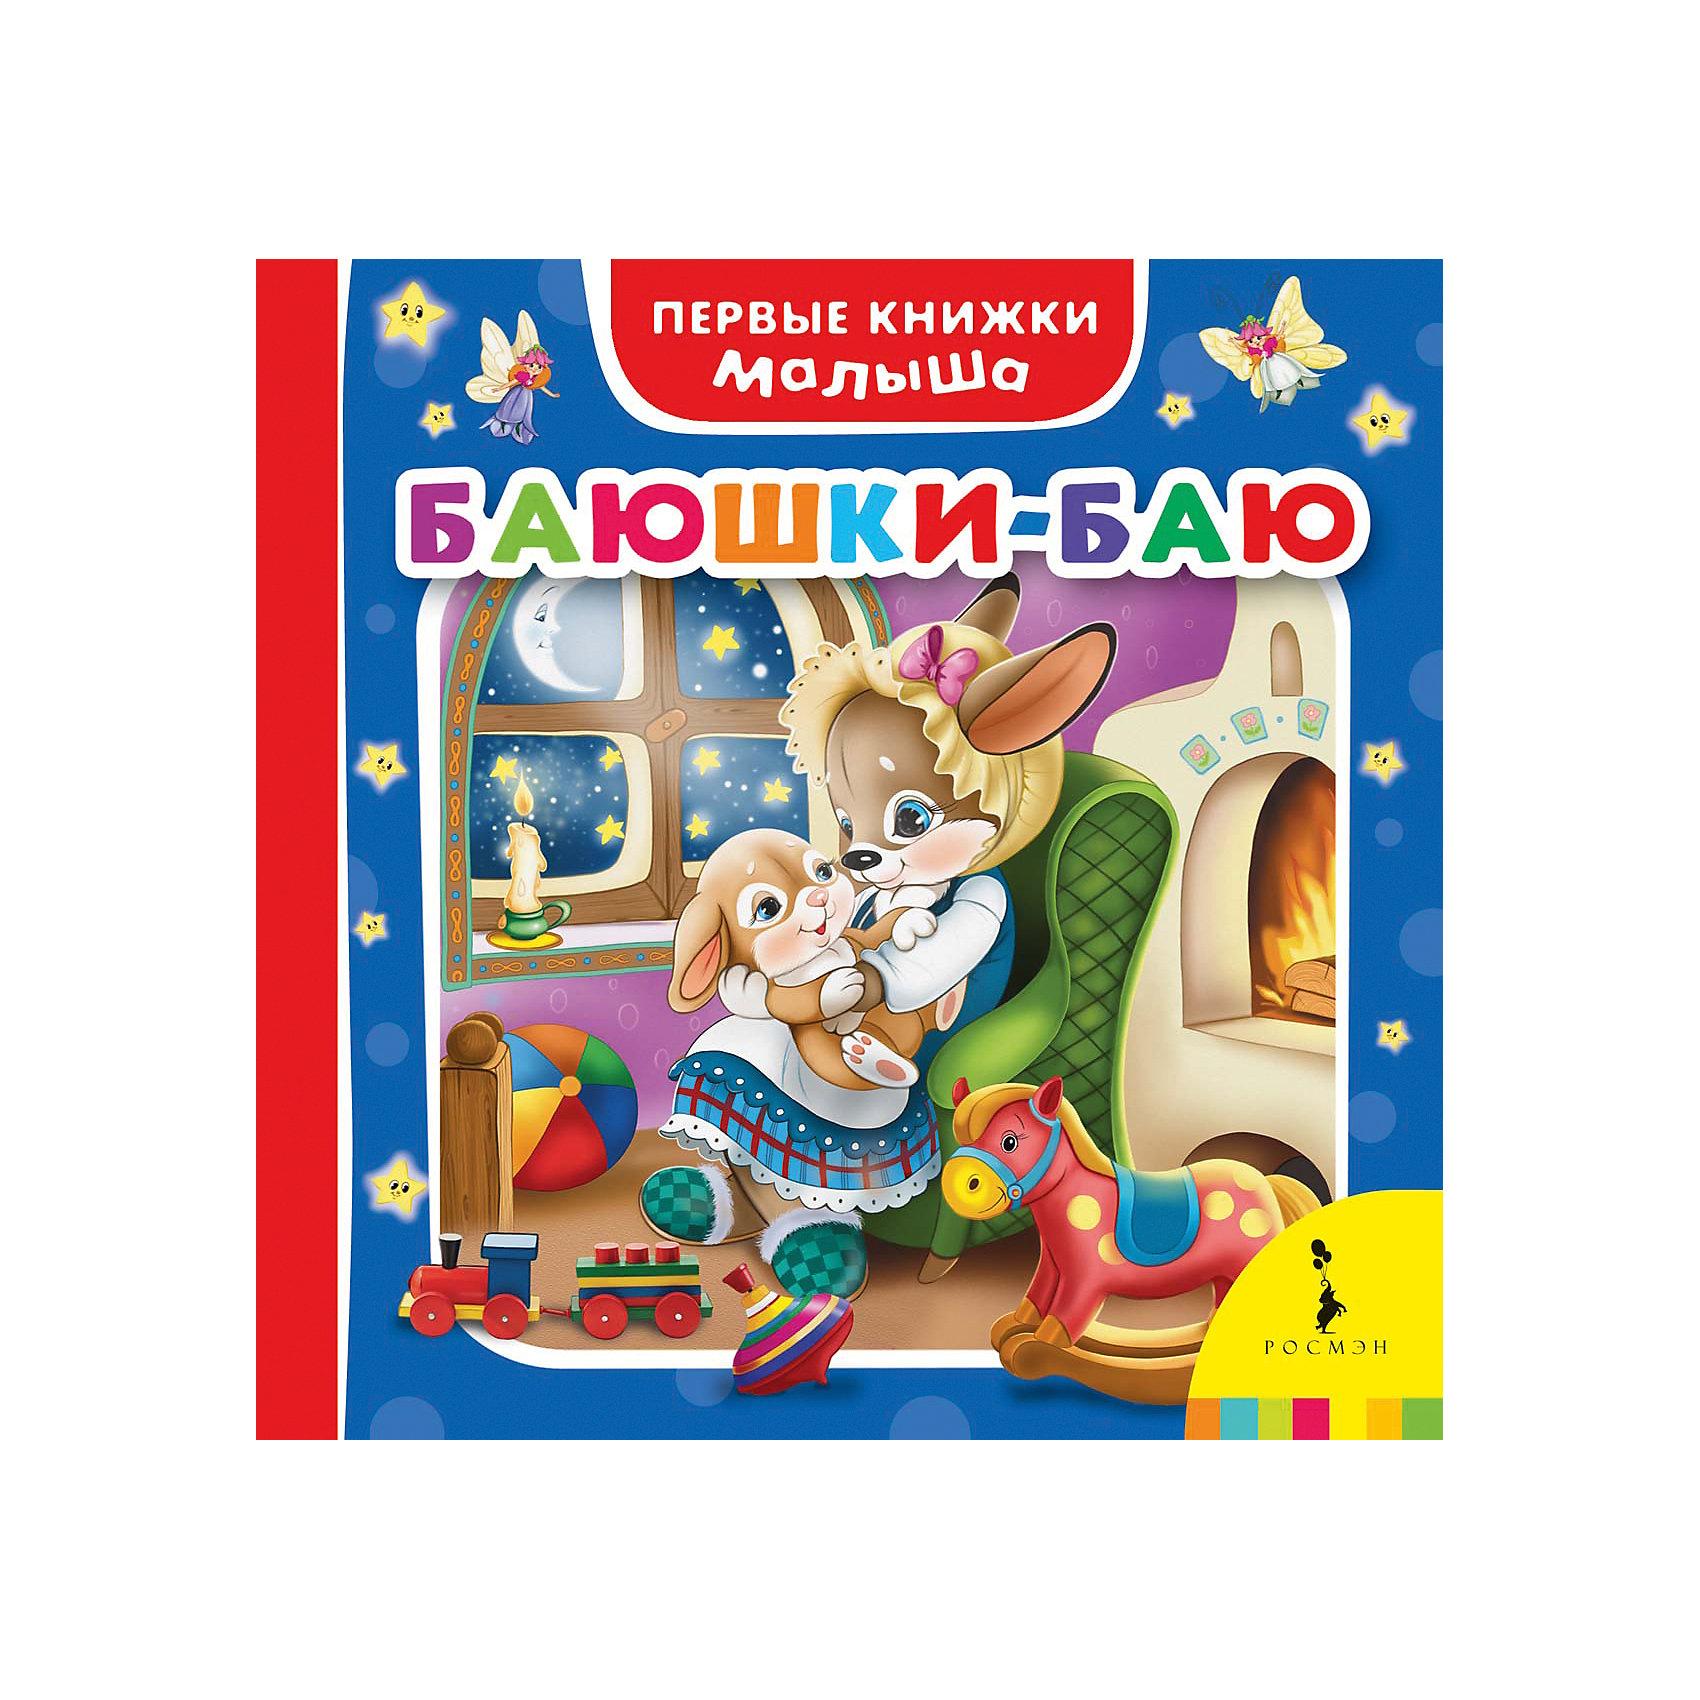 Баюшки-баю, серия Первые книги малышаСерия Первые книжки малыша - это лучшие произведения для самых маленьких. Любимые русские и зарубежные сказки,  хорошие стихи, весёлые загадки и потешки. Красивые иллюстрации и удобный формат.<br><br>Ширина мм: 165<br>Глубина мм: 165<br>Высота мм: 20<br>Вес г: 342<br>Возраст от месяцев: 0<br>Возраст до месяцев: 36<br>Пол: Унисекс<br>Возраст: Детский<br>SKU: 5076558